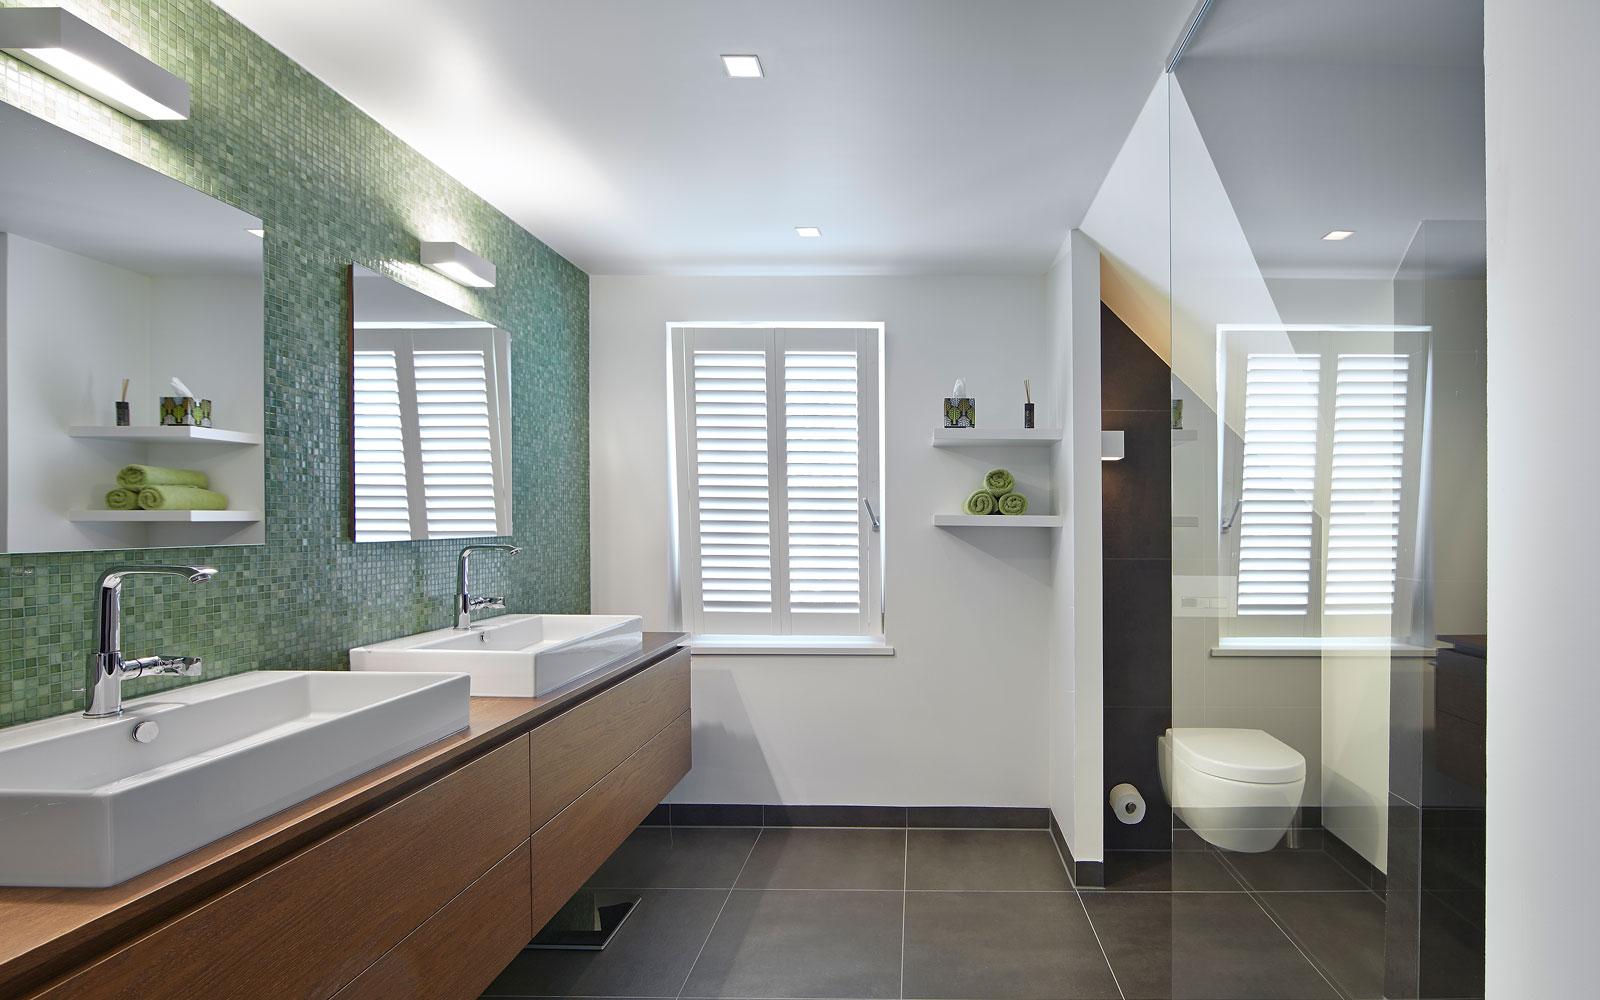 The Art of Living, Exclusief wonen, Elektro/verlichting, Schepers Elektrotechniek, badkamer, douche, verlichting, sanitair, tegelvloer, glas, shutters, hout